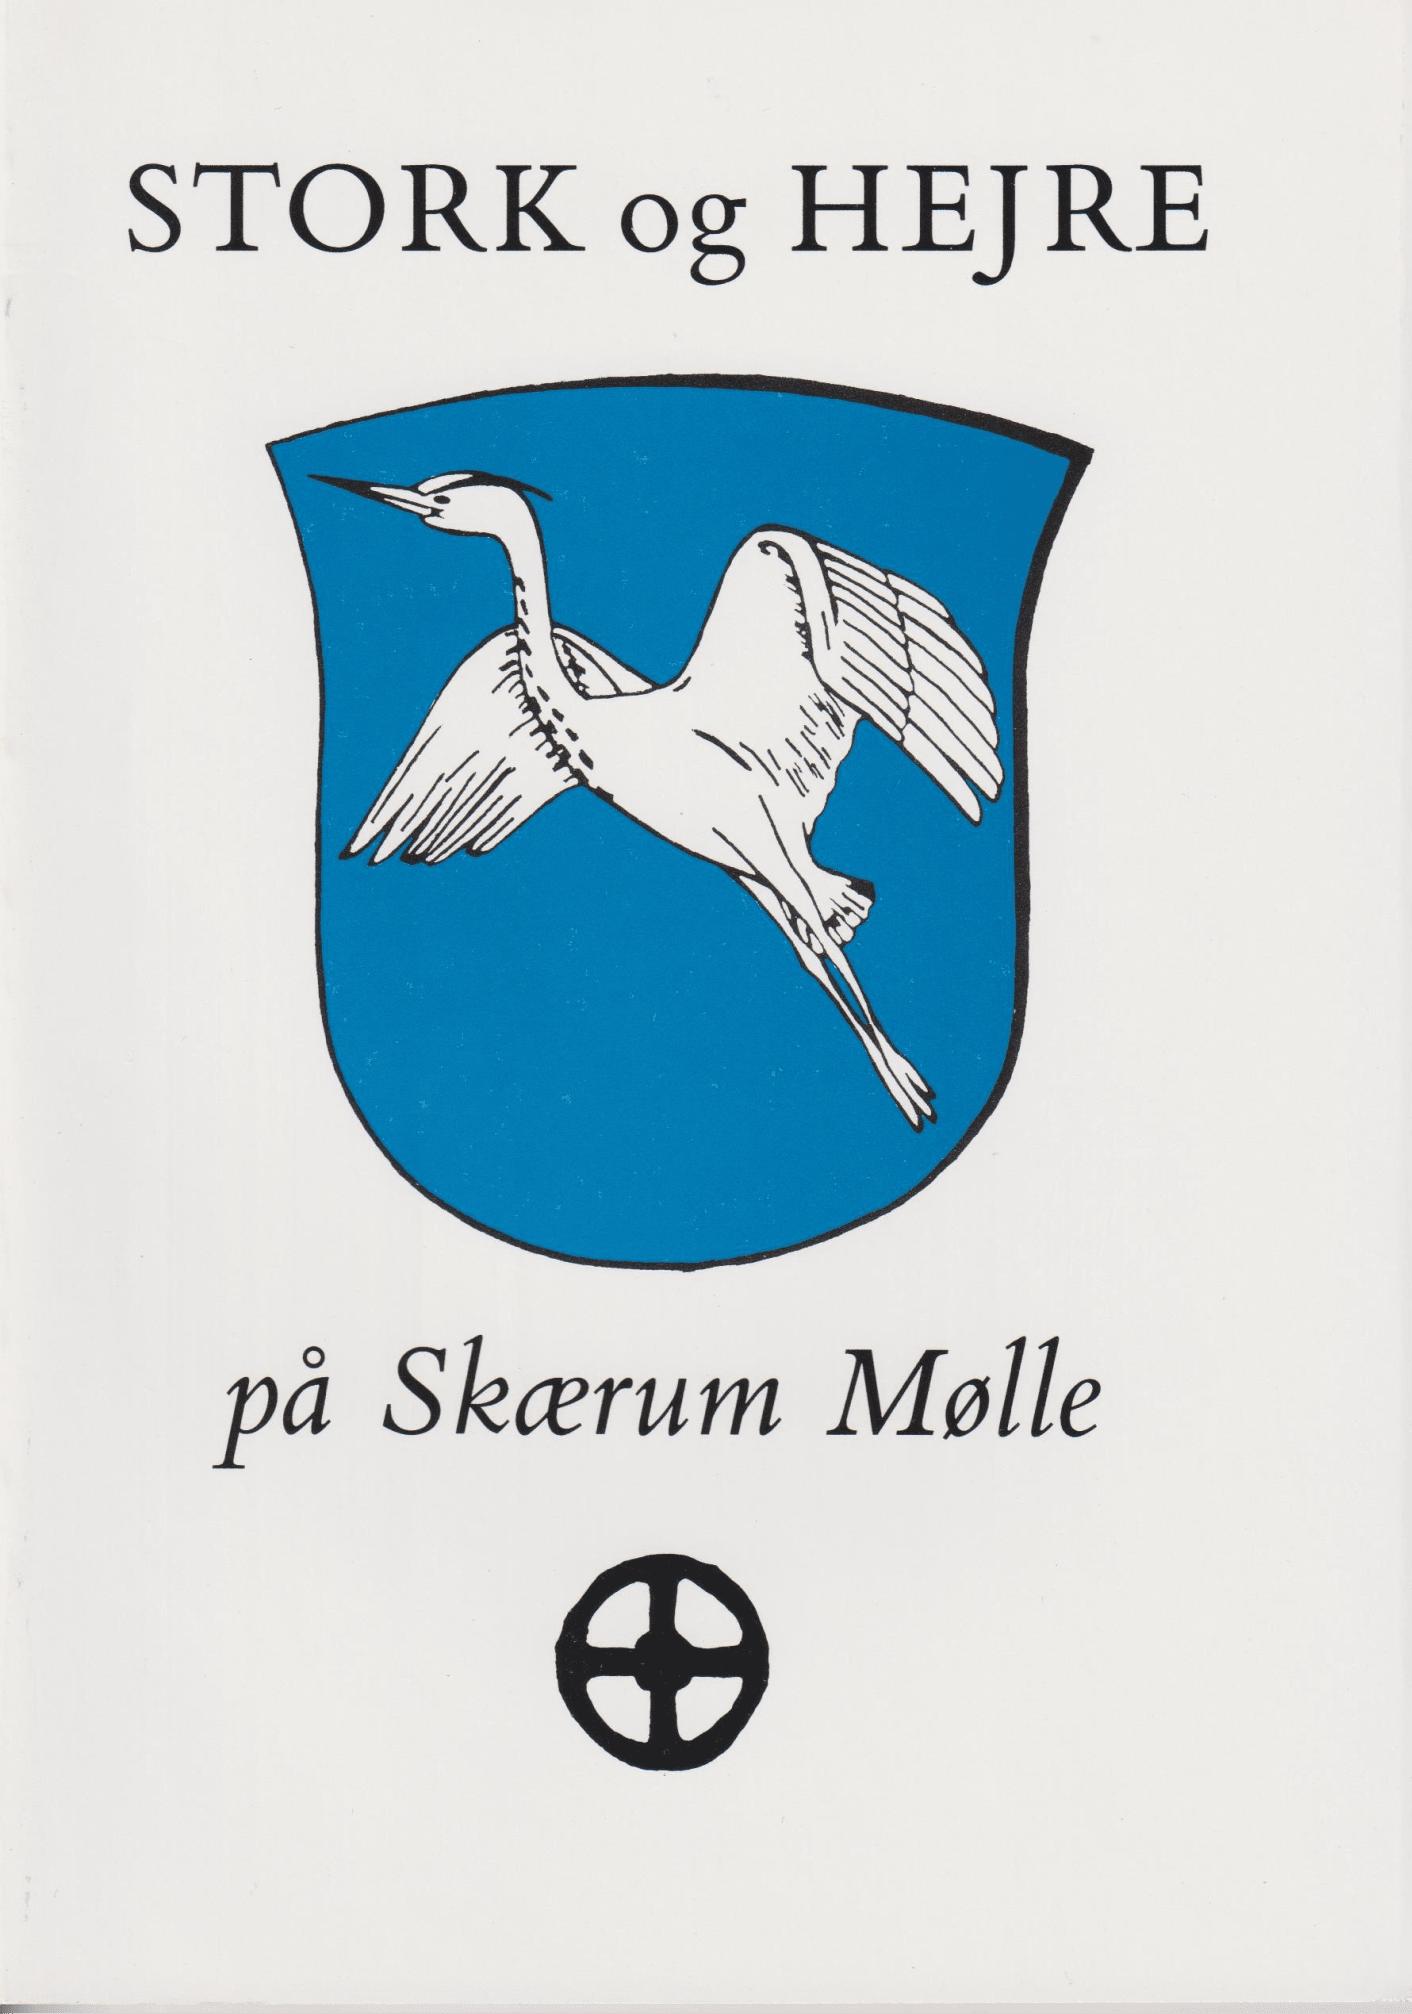 Stork og hejre på Skærum Mølle